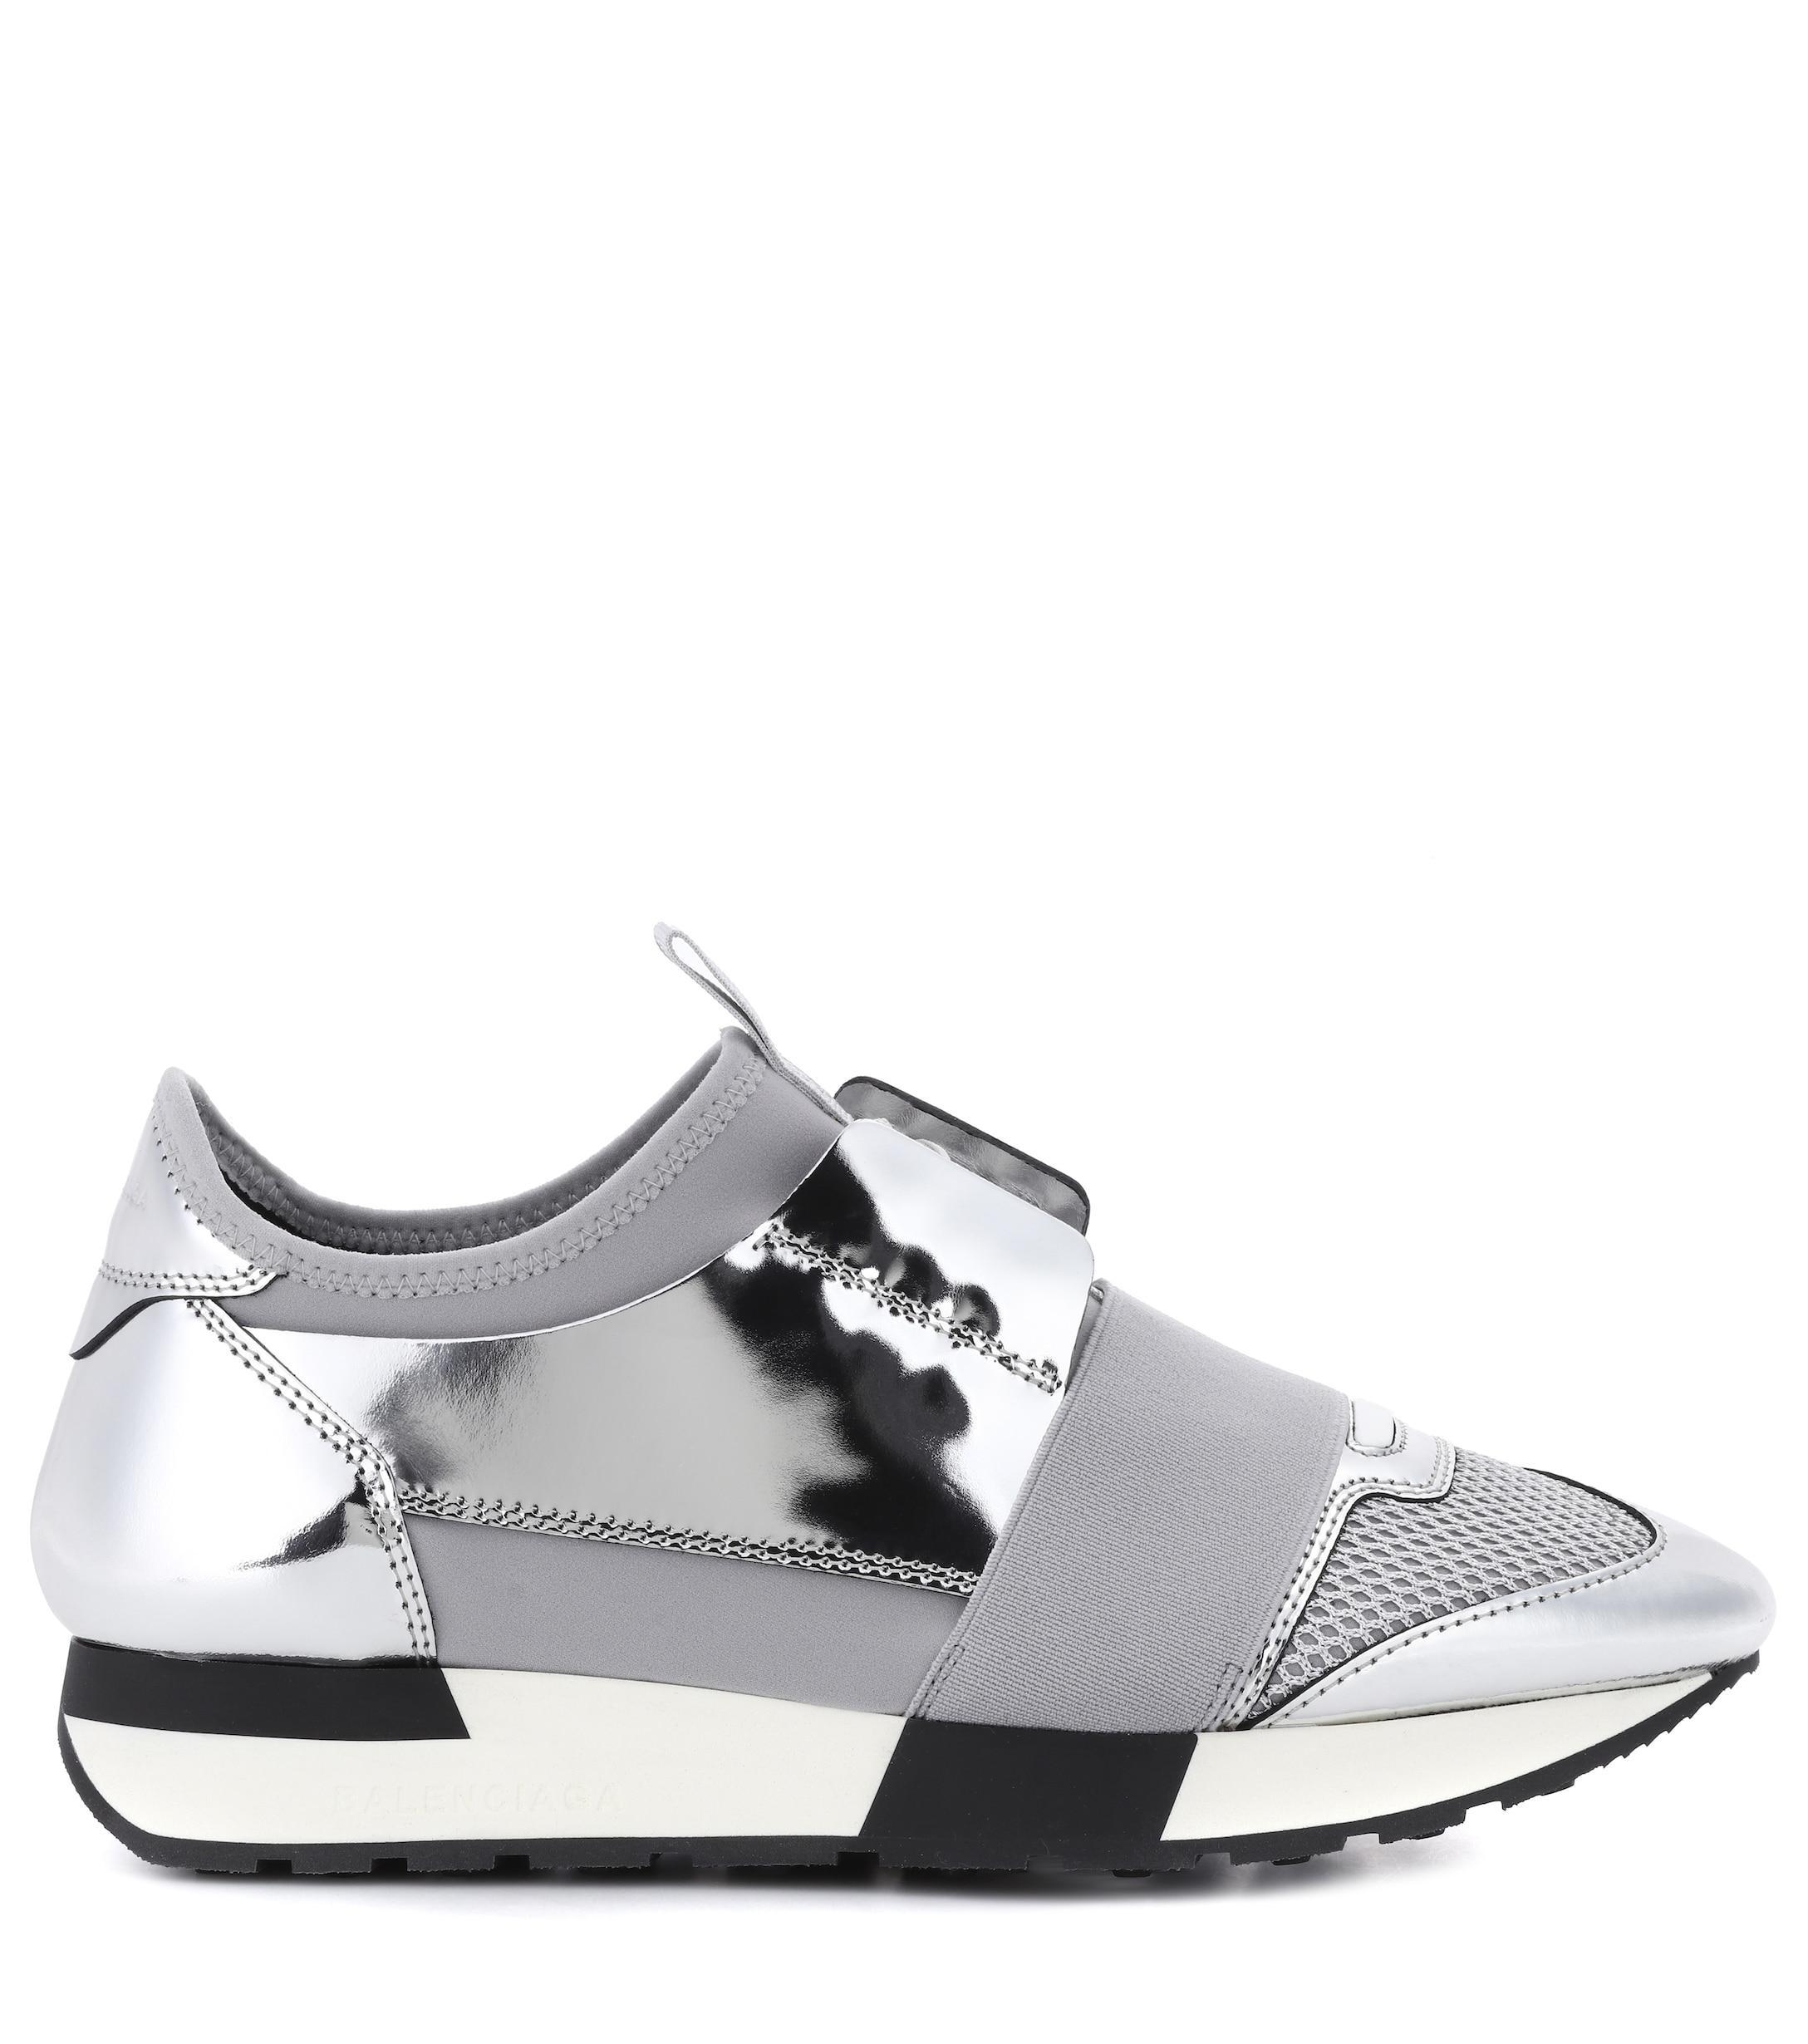 Zapatillas de piel Race Runner Balenciaga